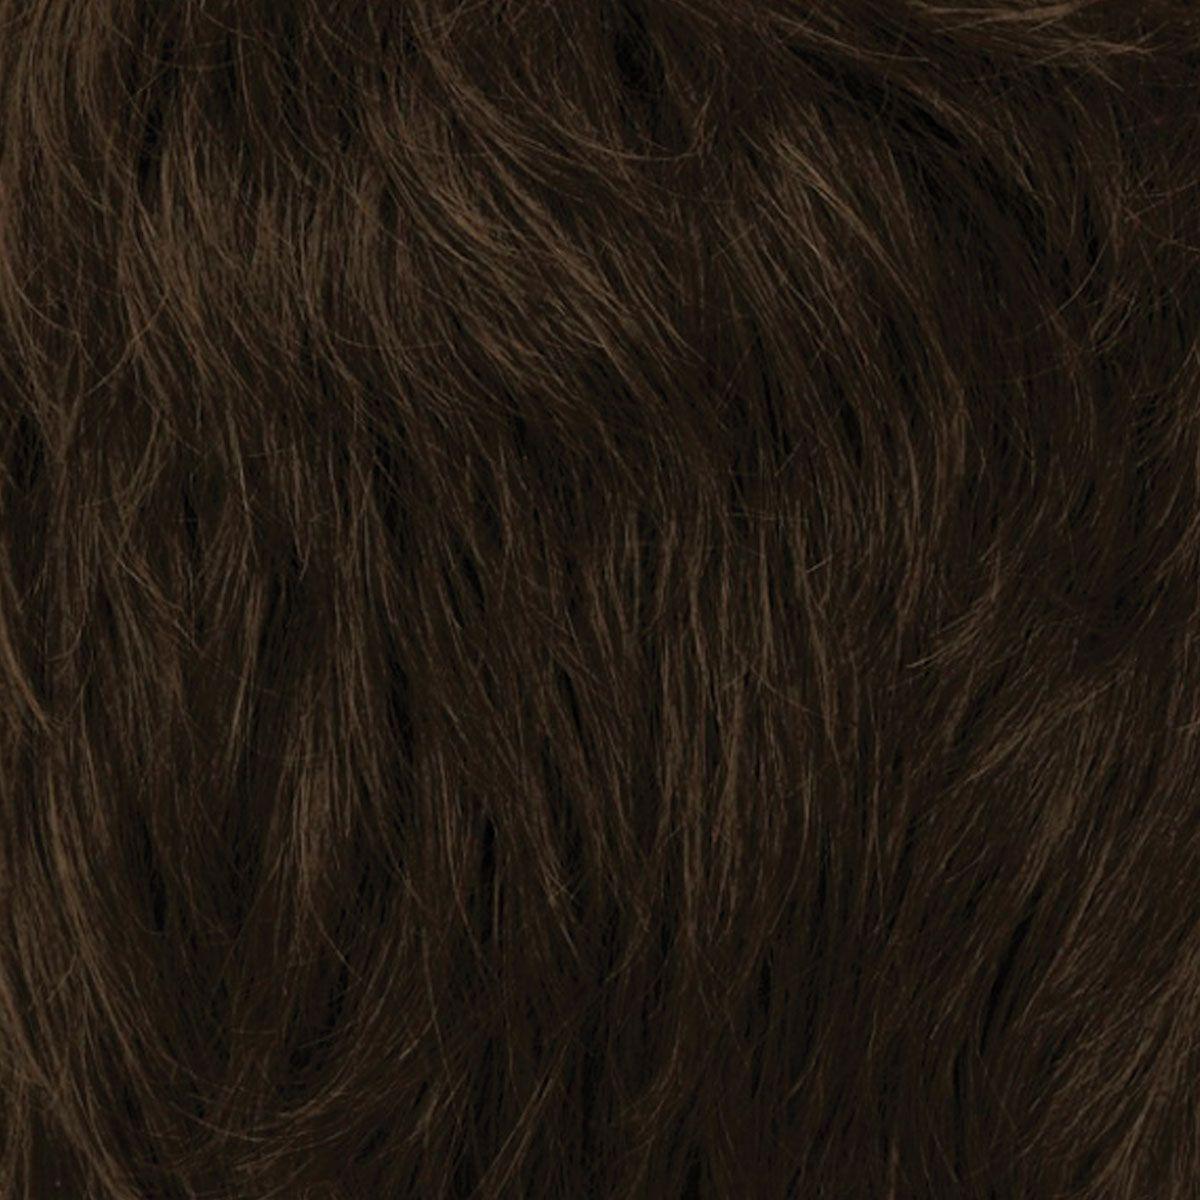 brown hair texture msu tc 247